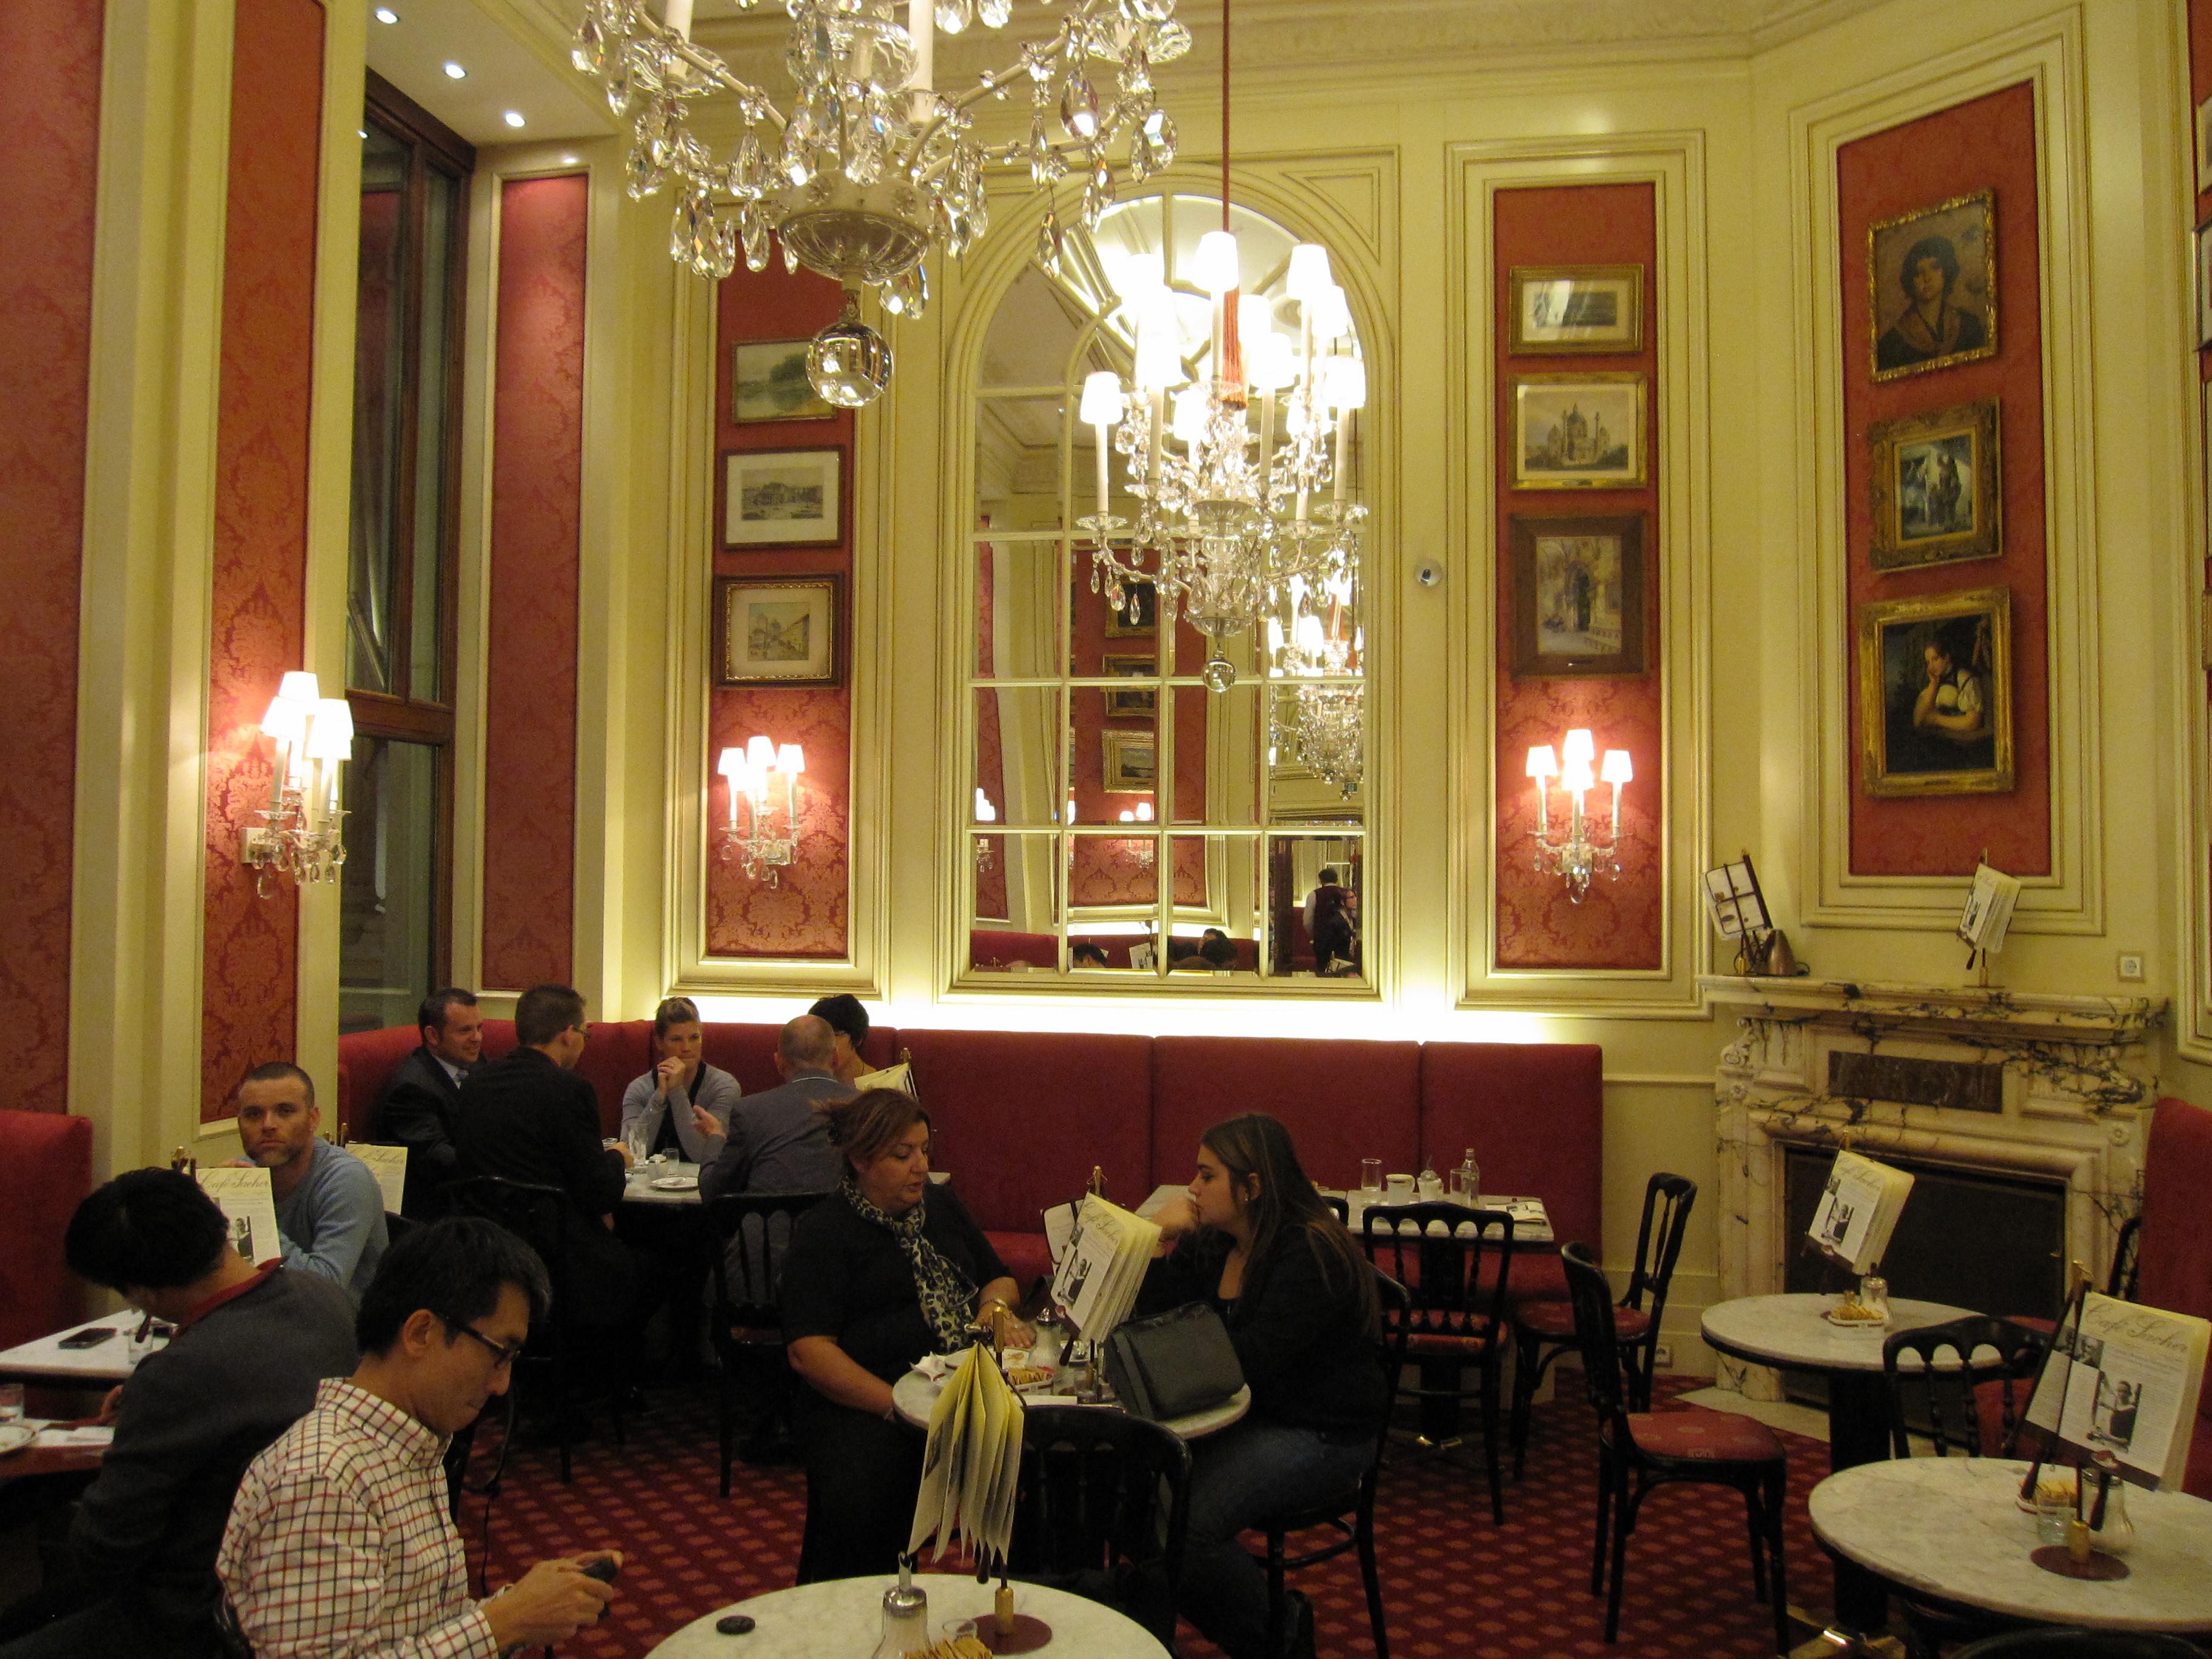 Sacher Hotel Vienna Restaurant